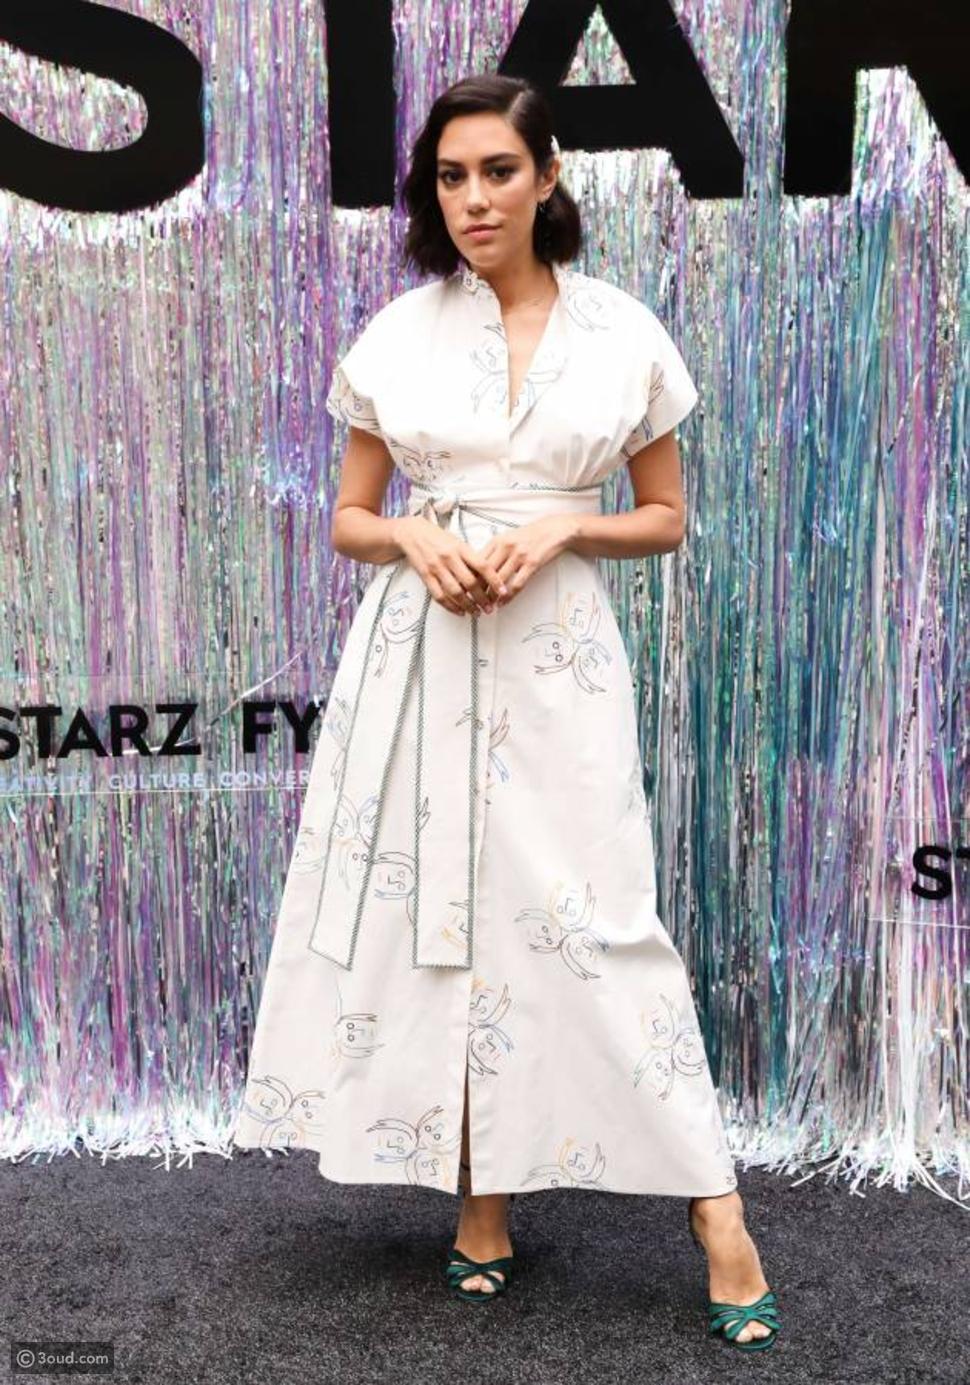 إليكم أجمل إطلالات النجمات في حفل Starz FYC